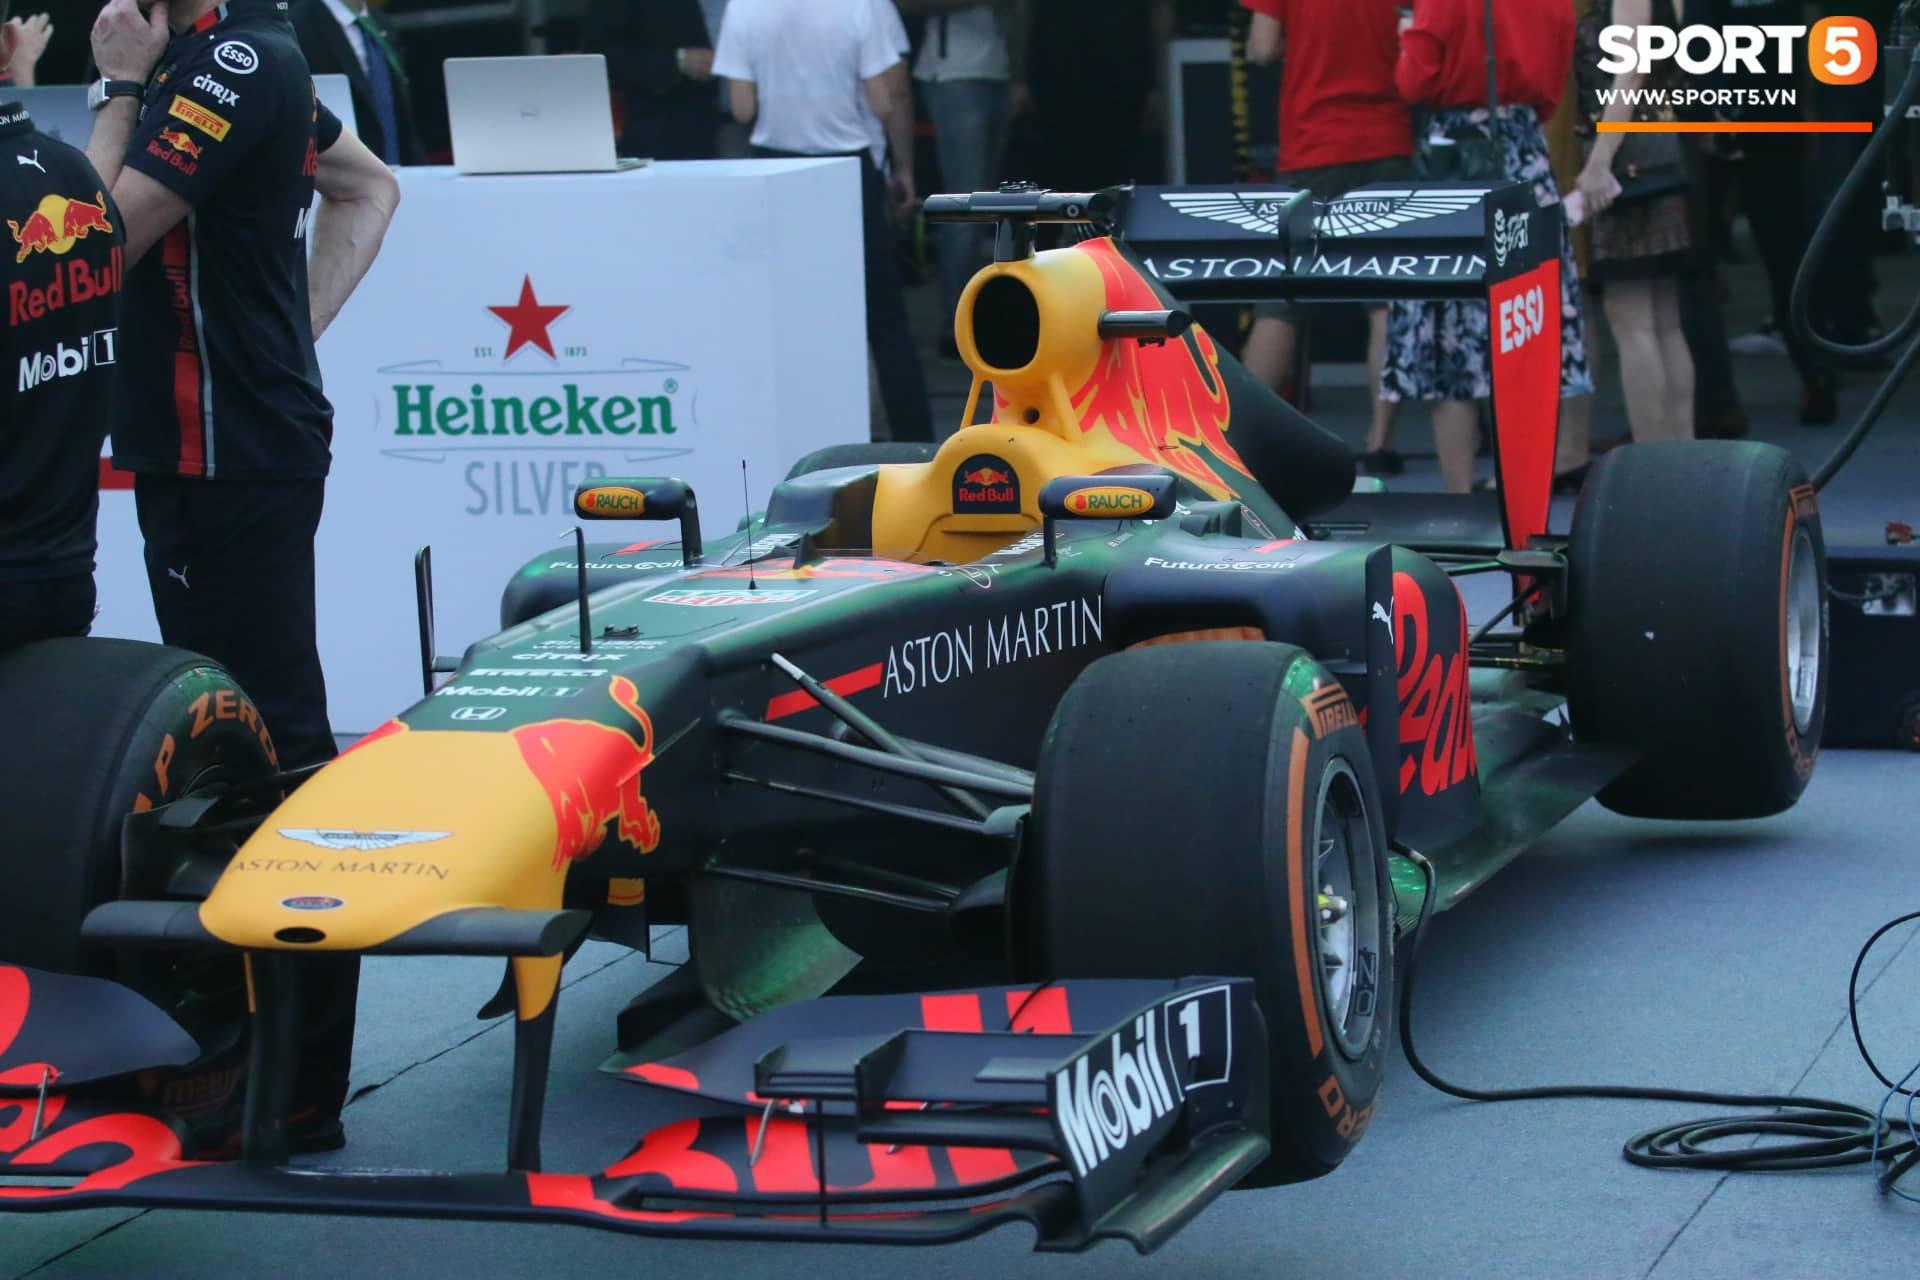 Sự kiện Khởi động F1 Việt Nam Grand Prix: Hoành tráng, mãn nhãn và đầy hứa hẹn - Ảnh 25.